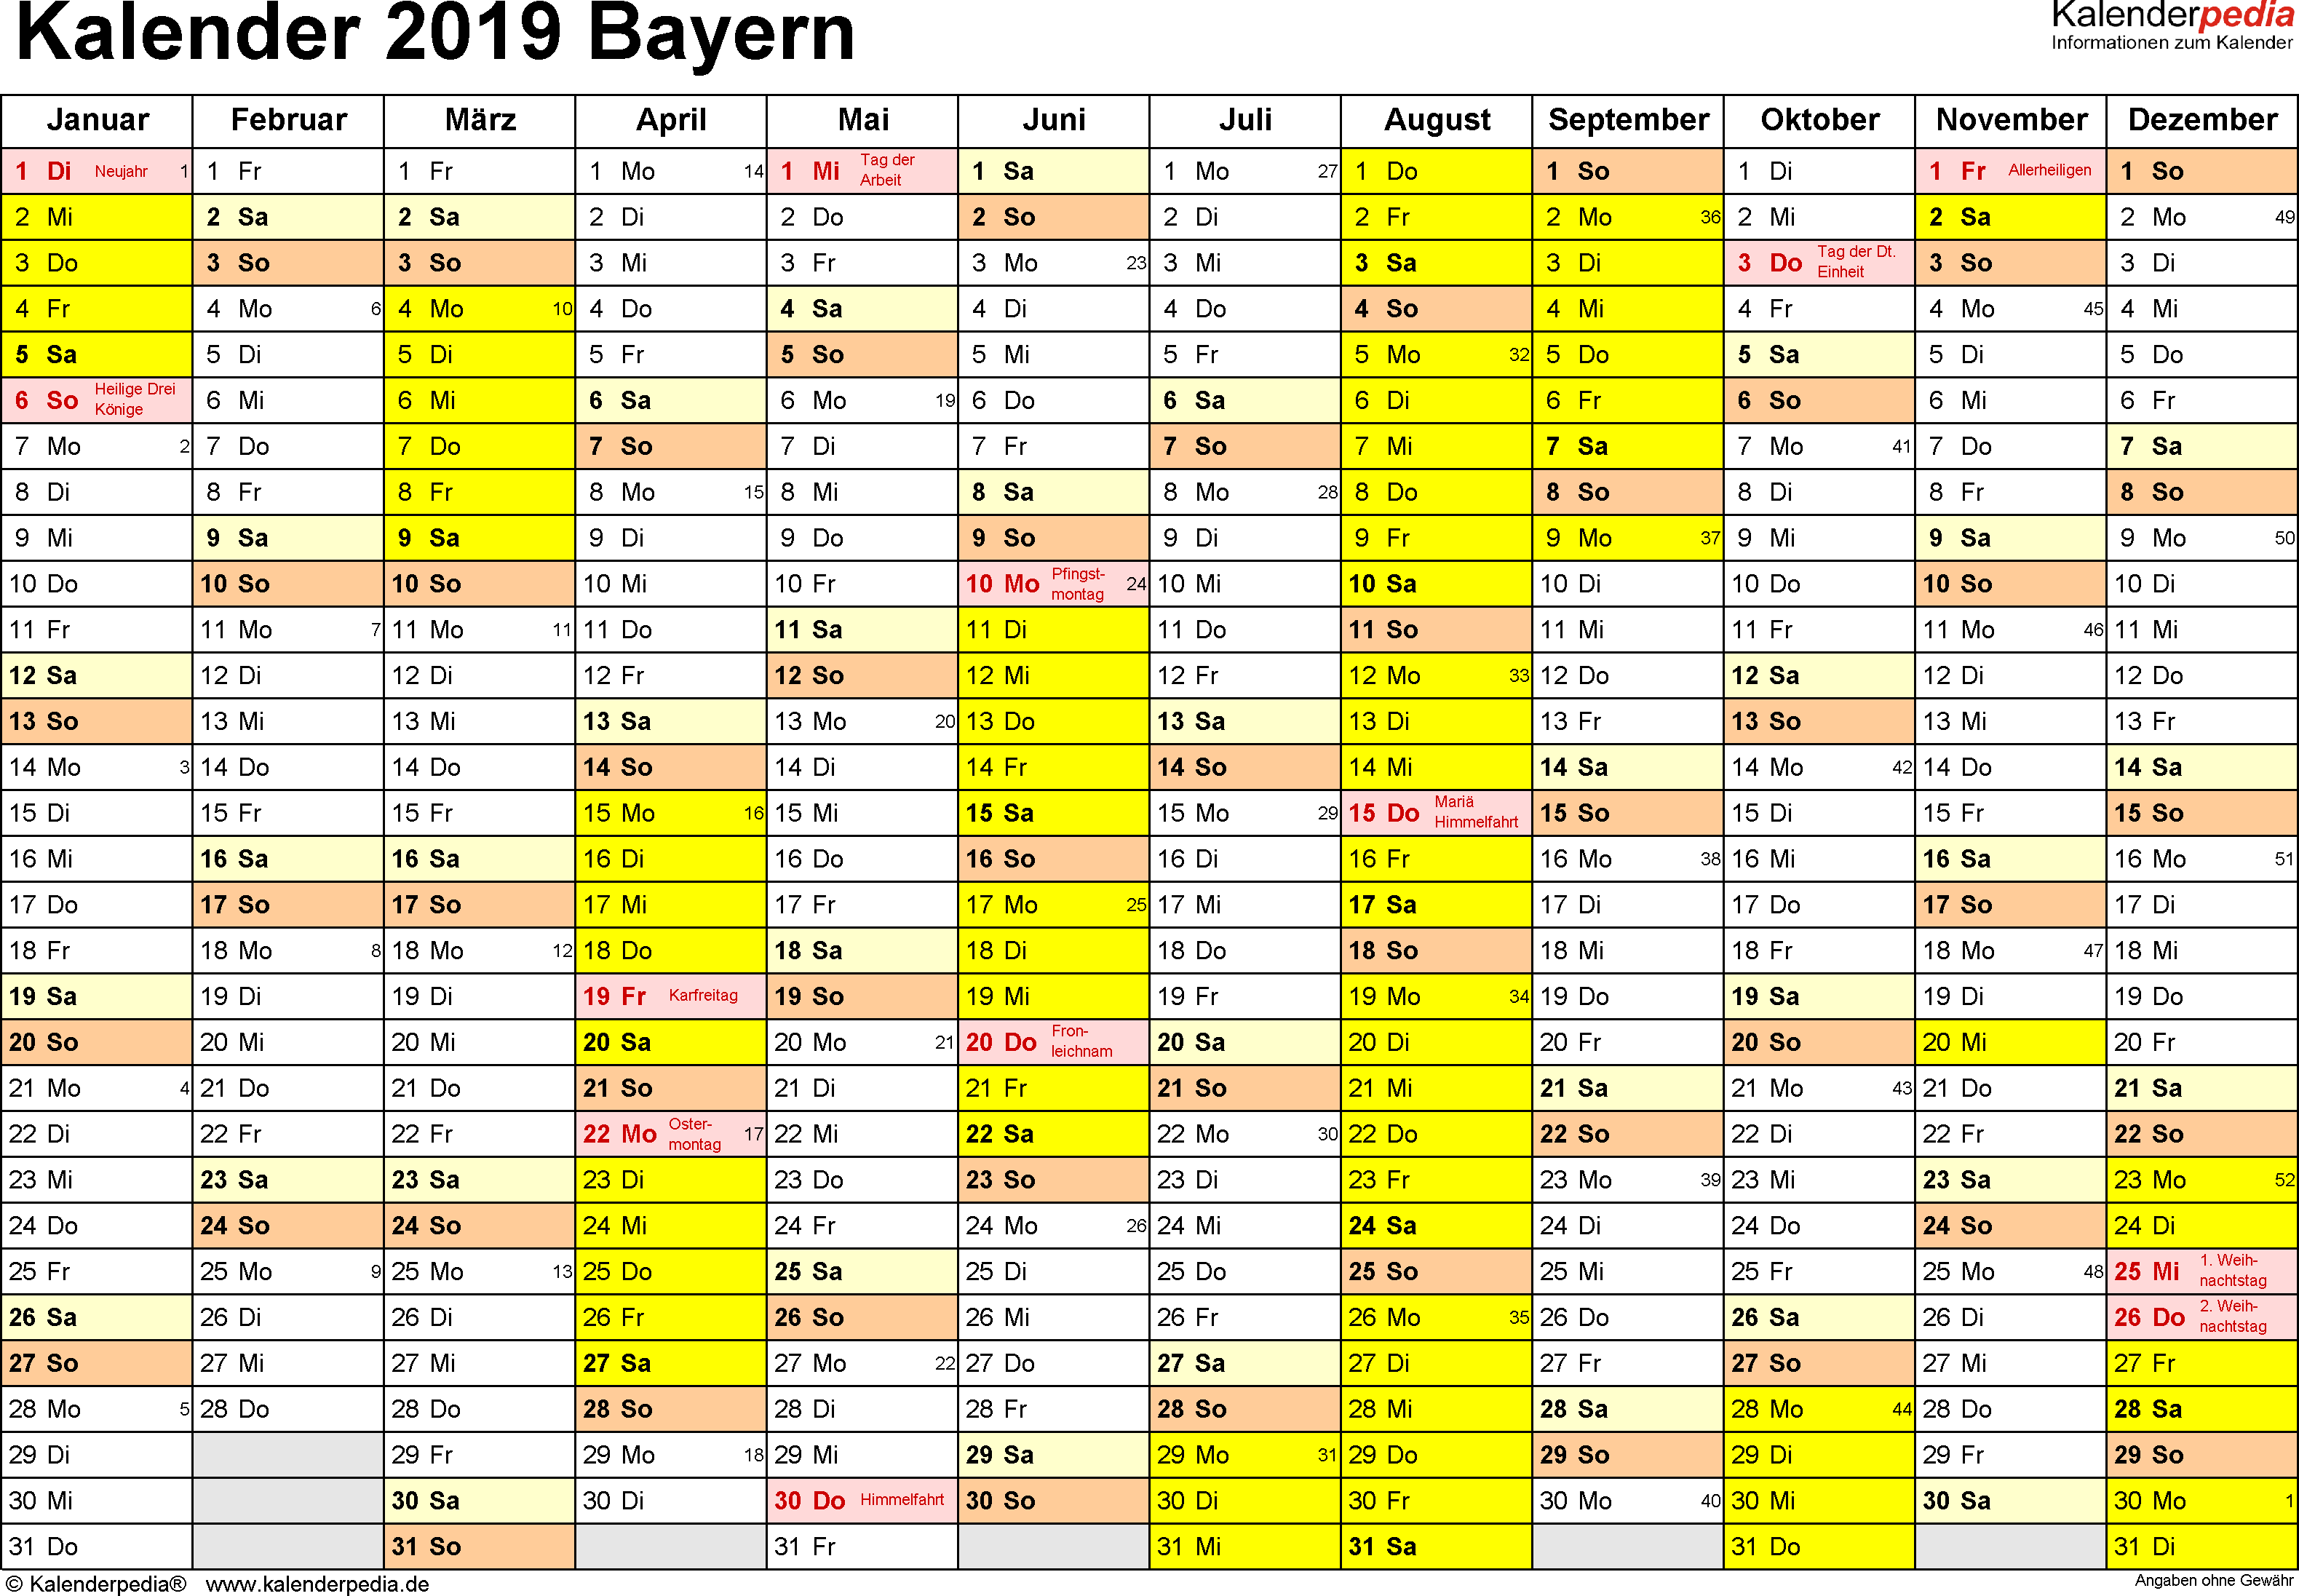 Vorlage 1: Kalender 2019 für Bayern als Excel-Vorlagen (Querformat, 1 Seite)